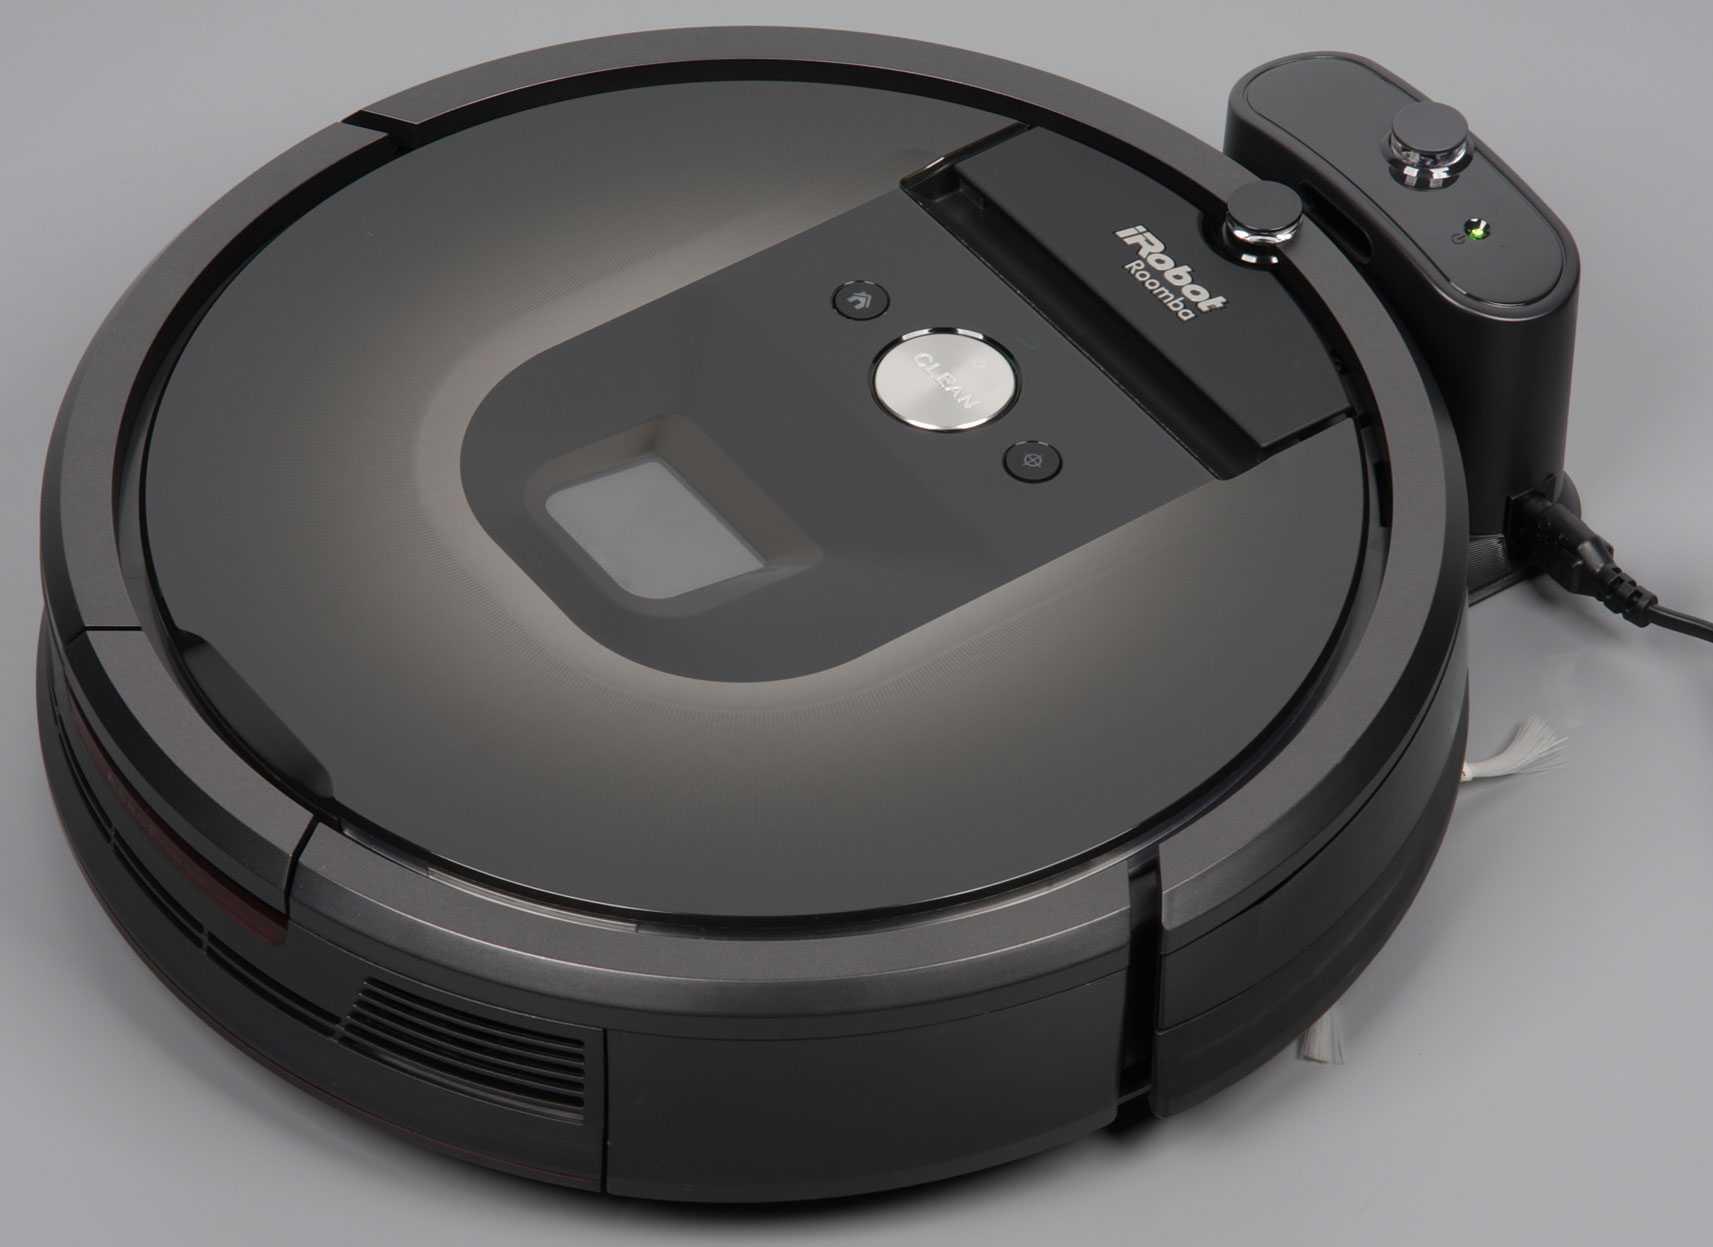 Лучшие роботы-пылесосы с влажной уборкой – обзор топ-30 моделей разной ценовой категории